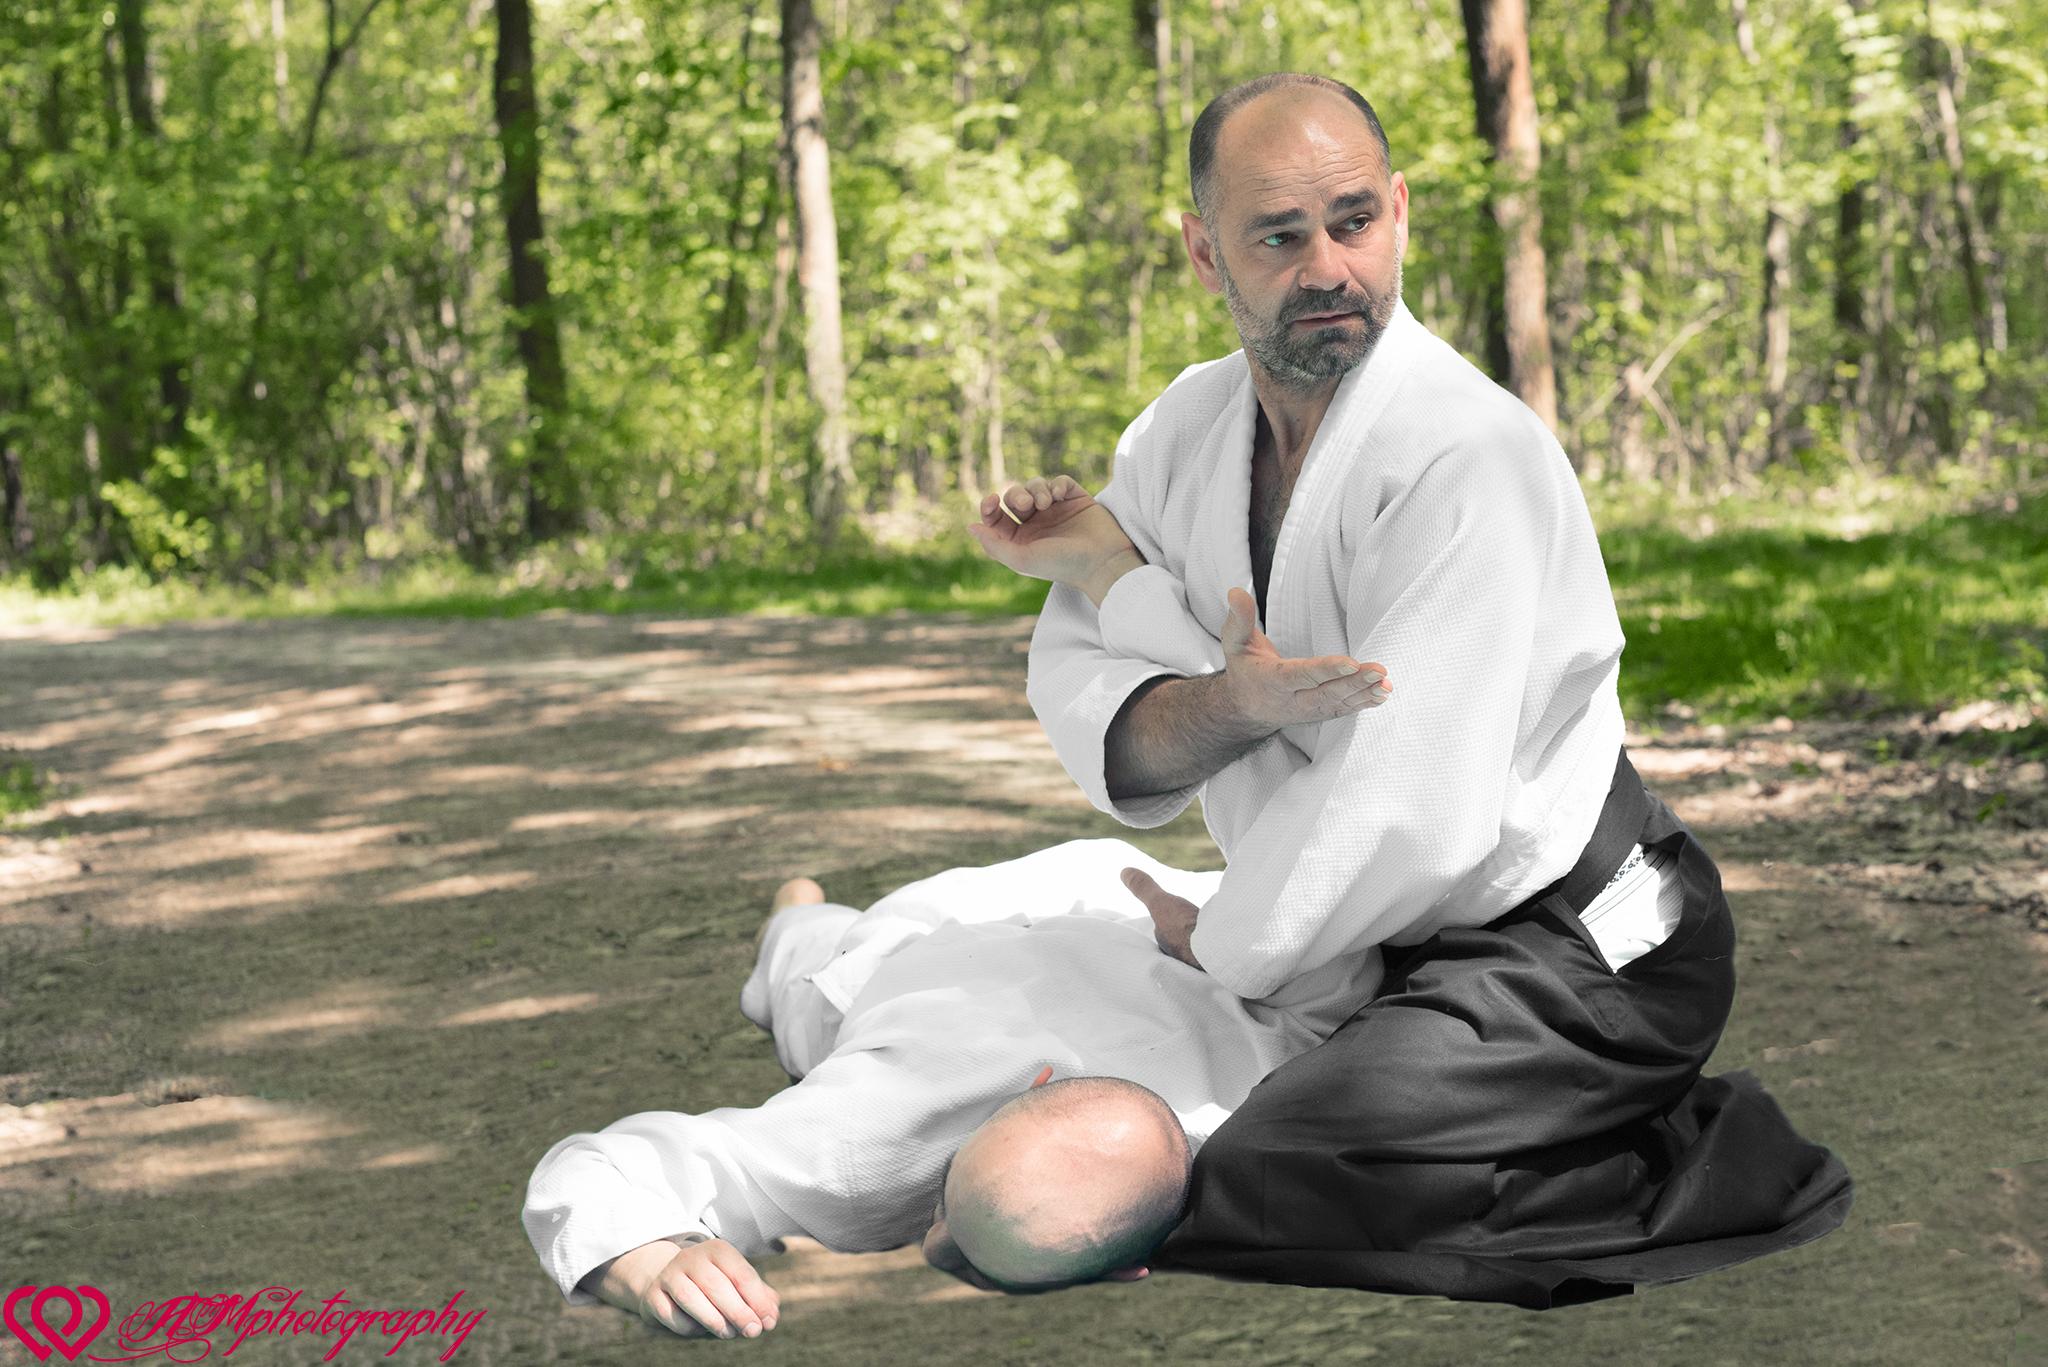 Trening Super Aikido Lublin Kozłowiecki Park Krajobrazowy (4)